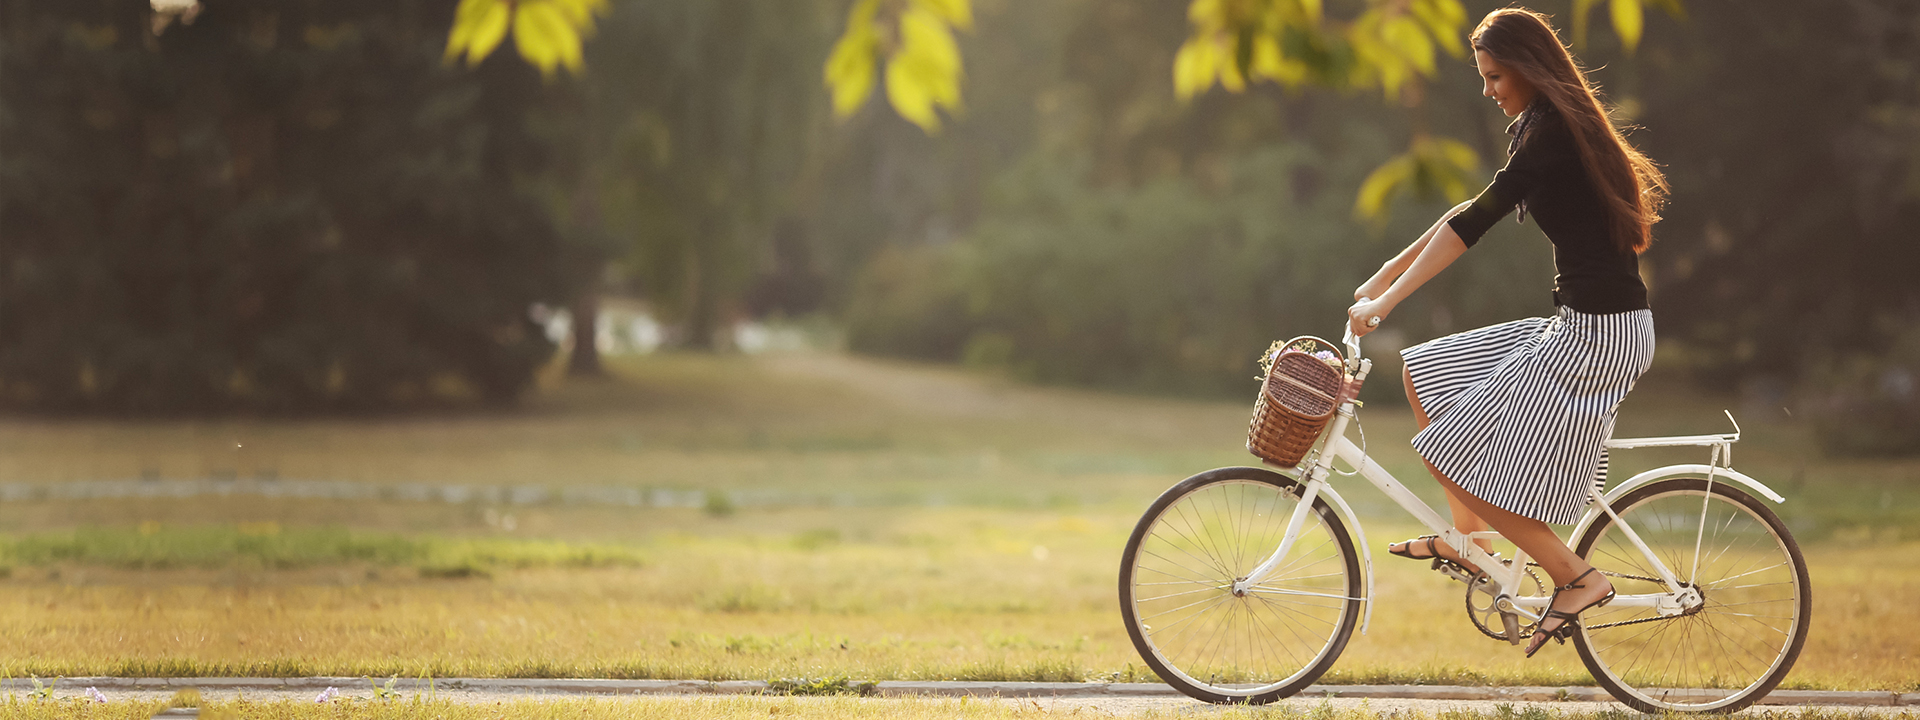 Фото женского велосипеда с девушкой